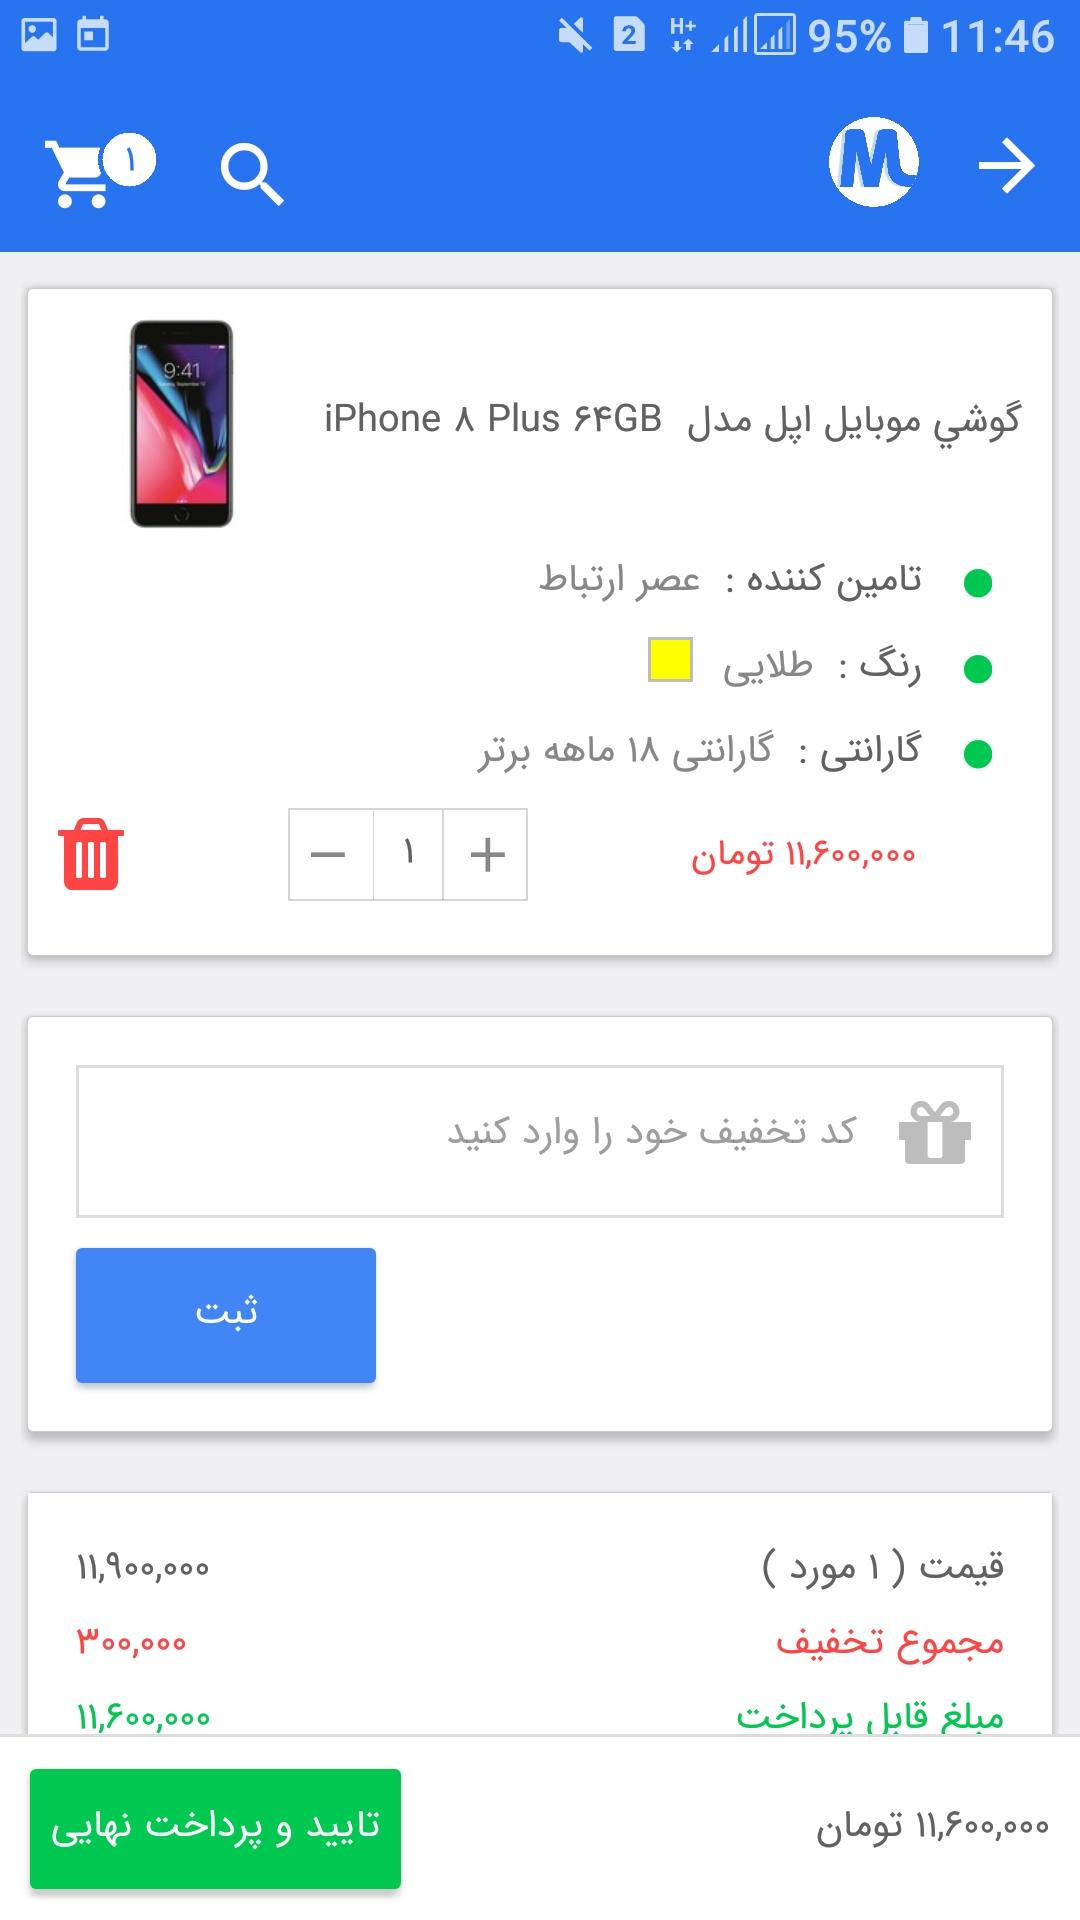 اپلیکیشن های فارسی reactnative